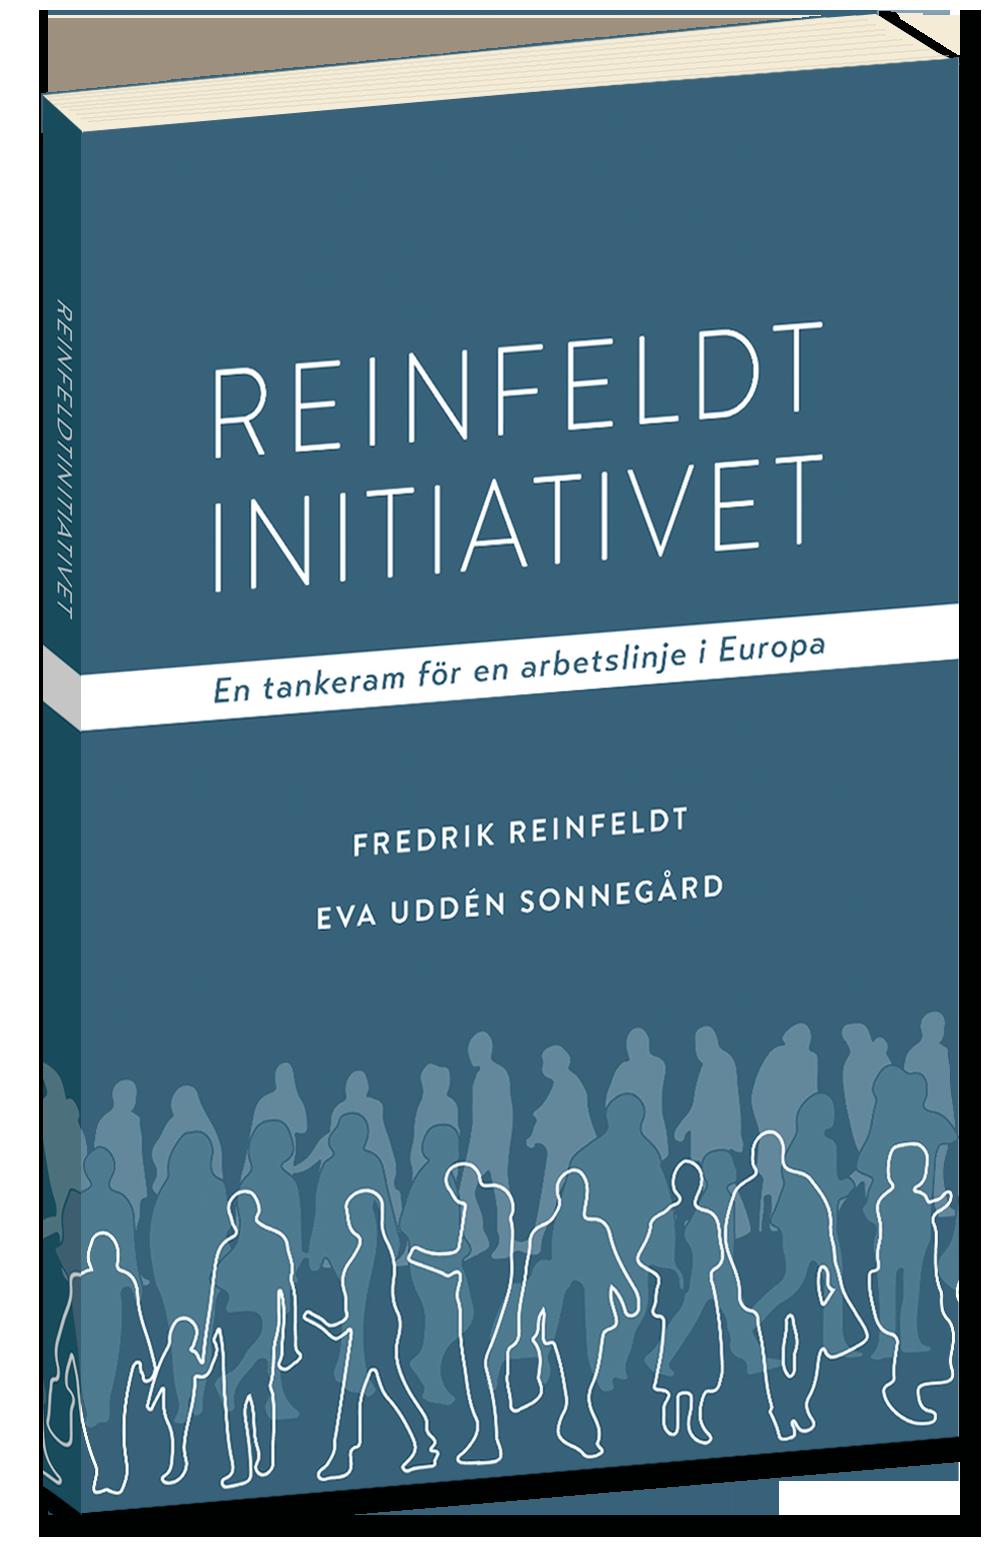 Form - Reinfeldtinitiativet